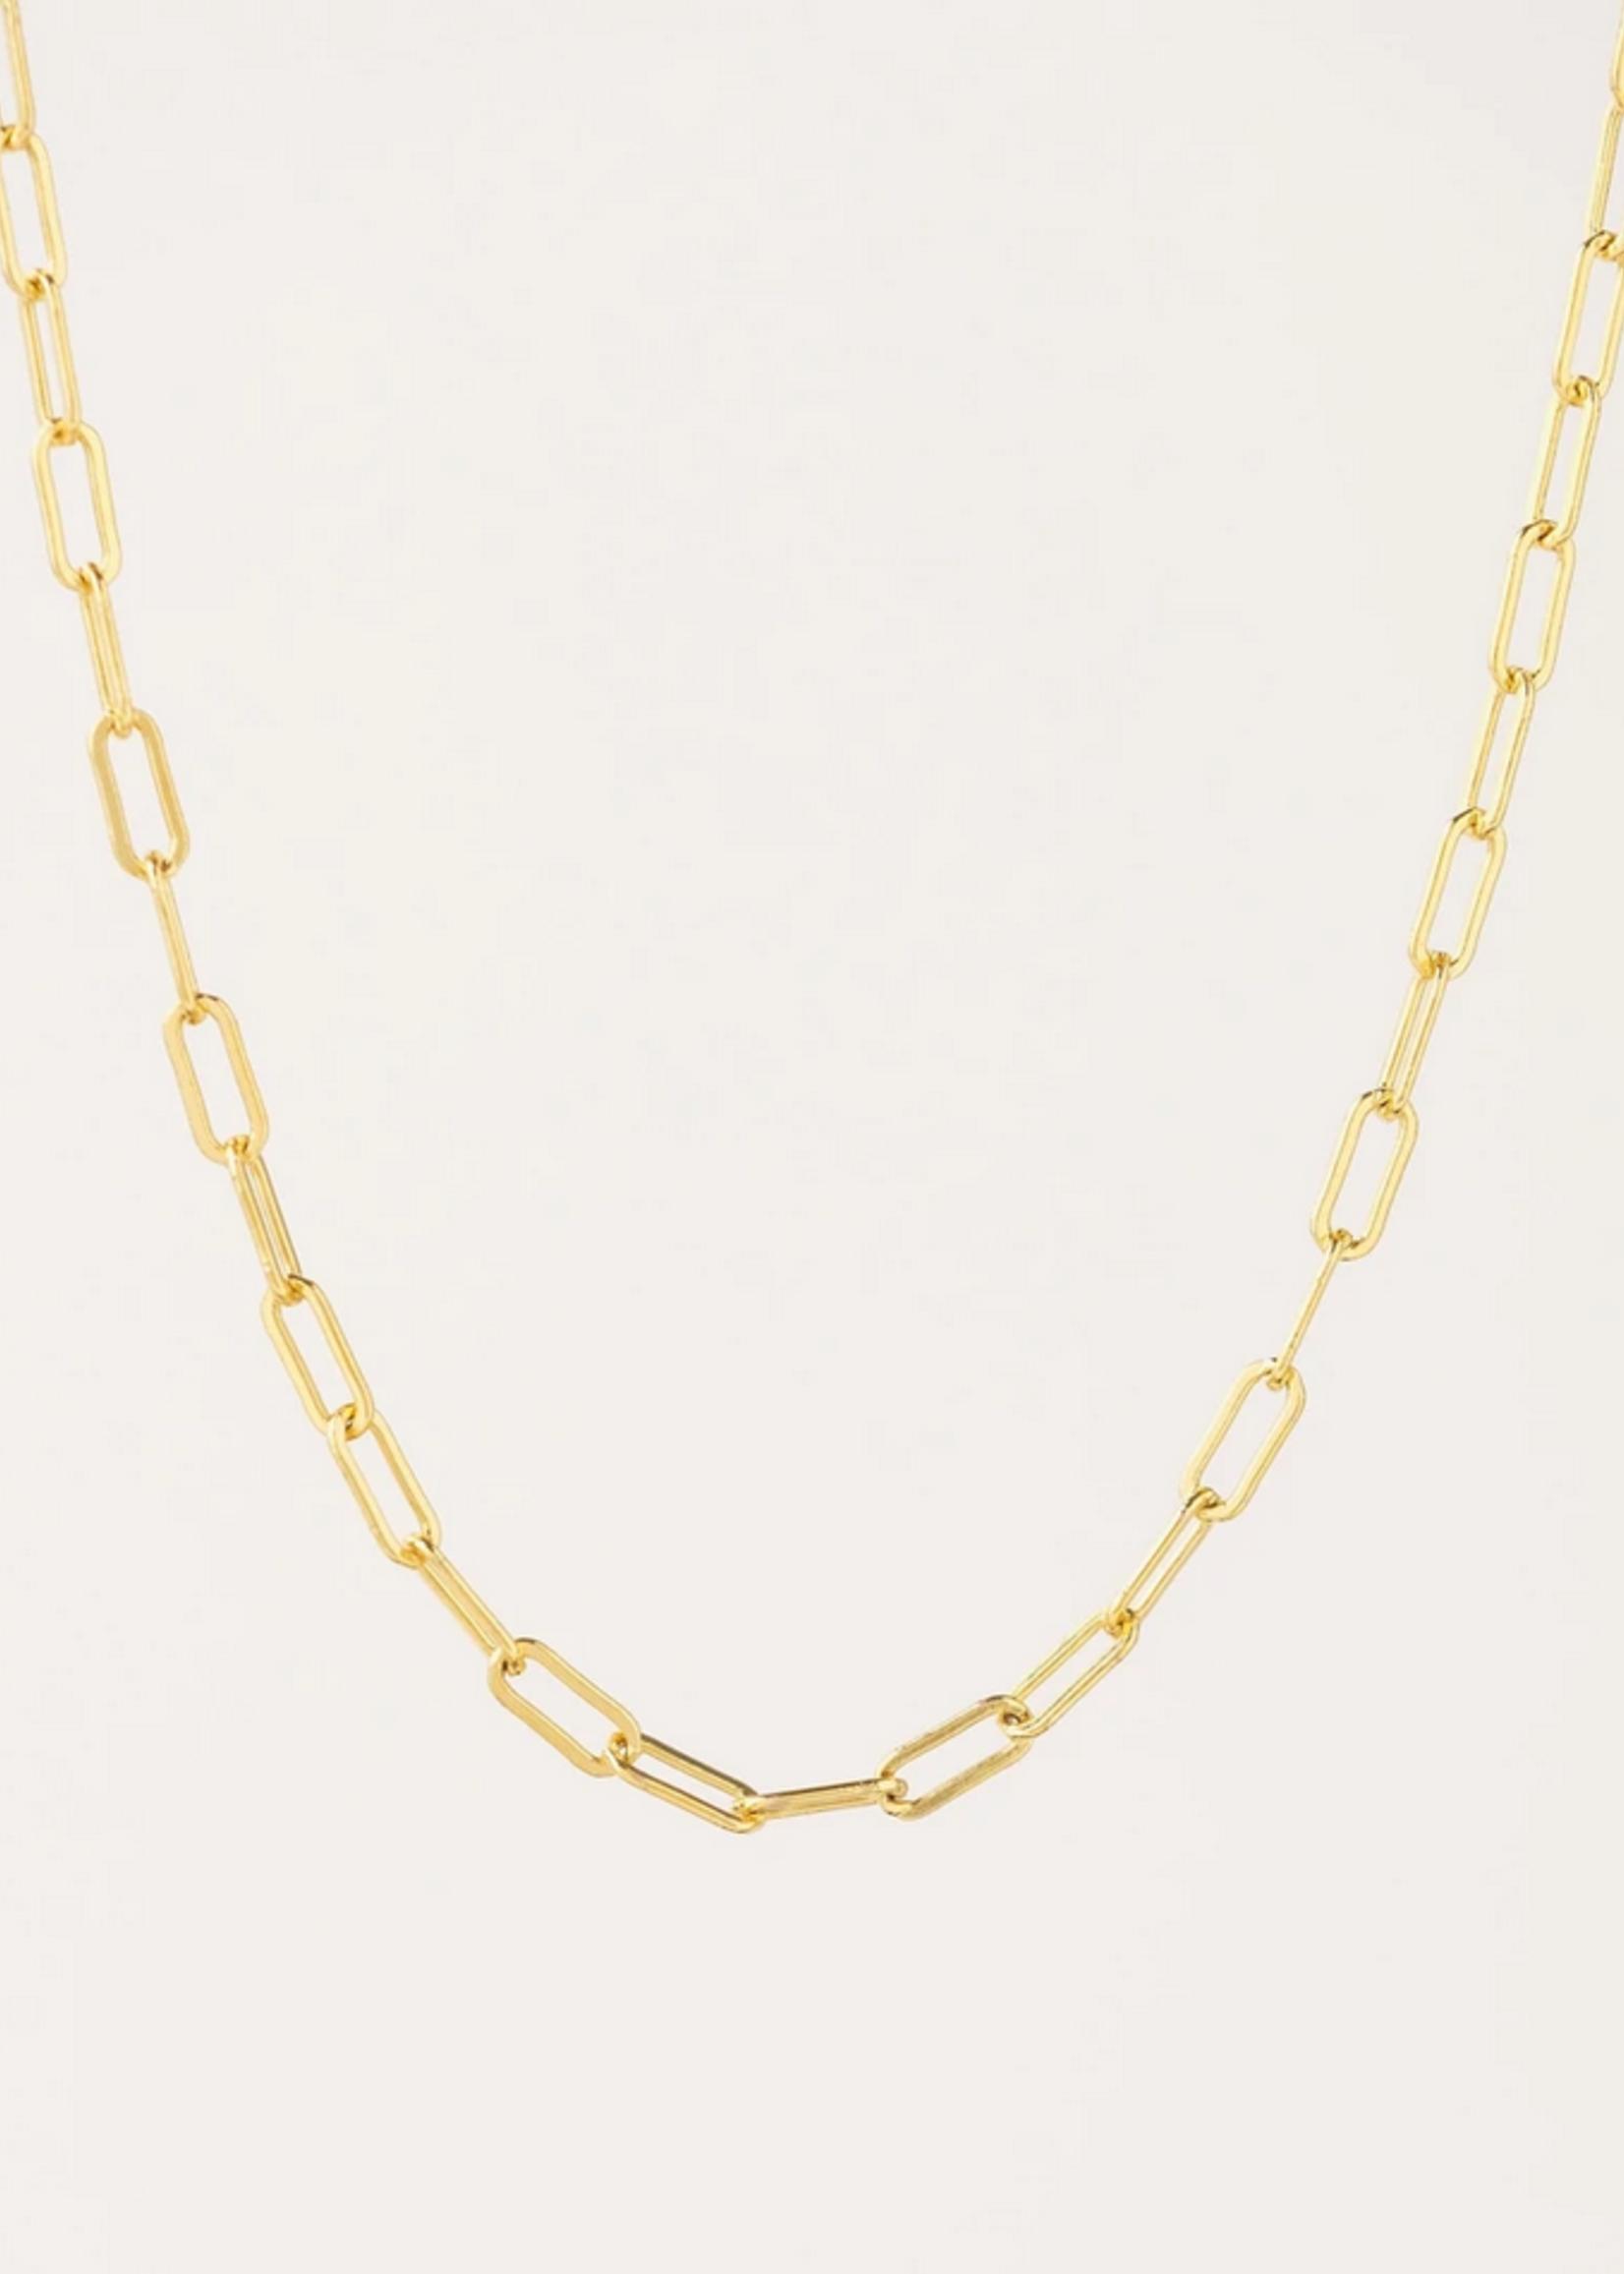 Boyfriend Chain Necklace Gold